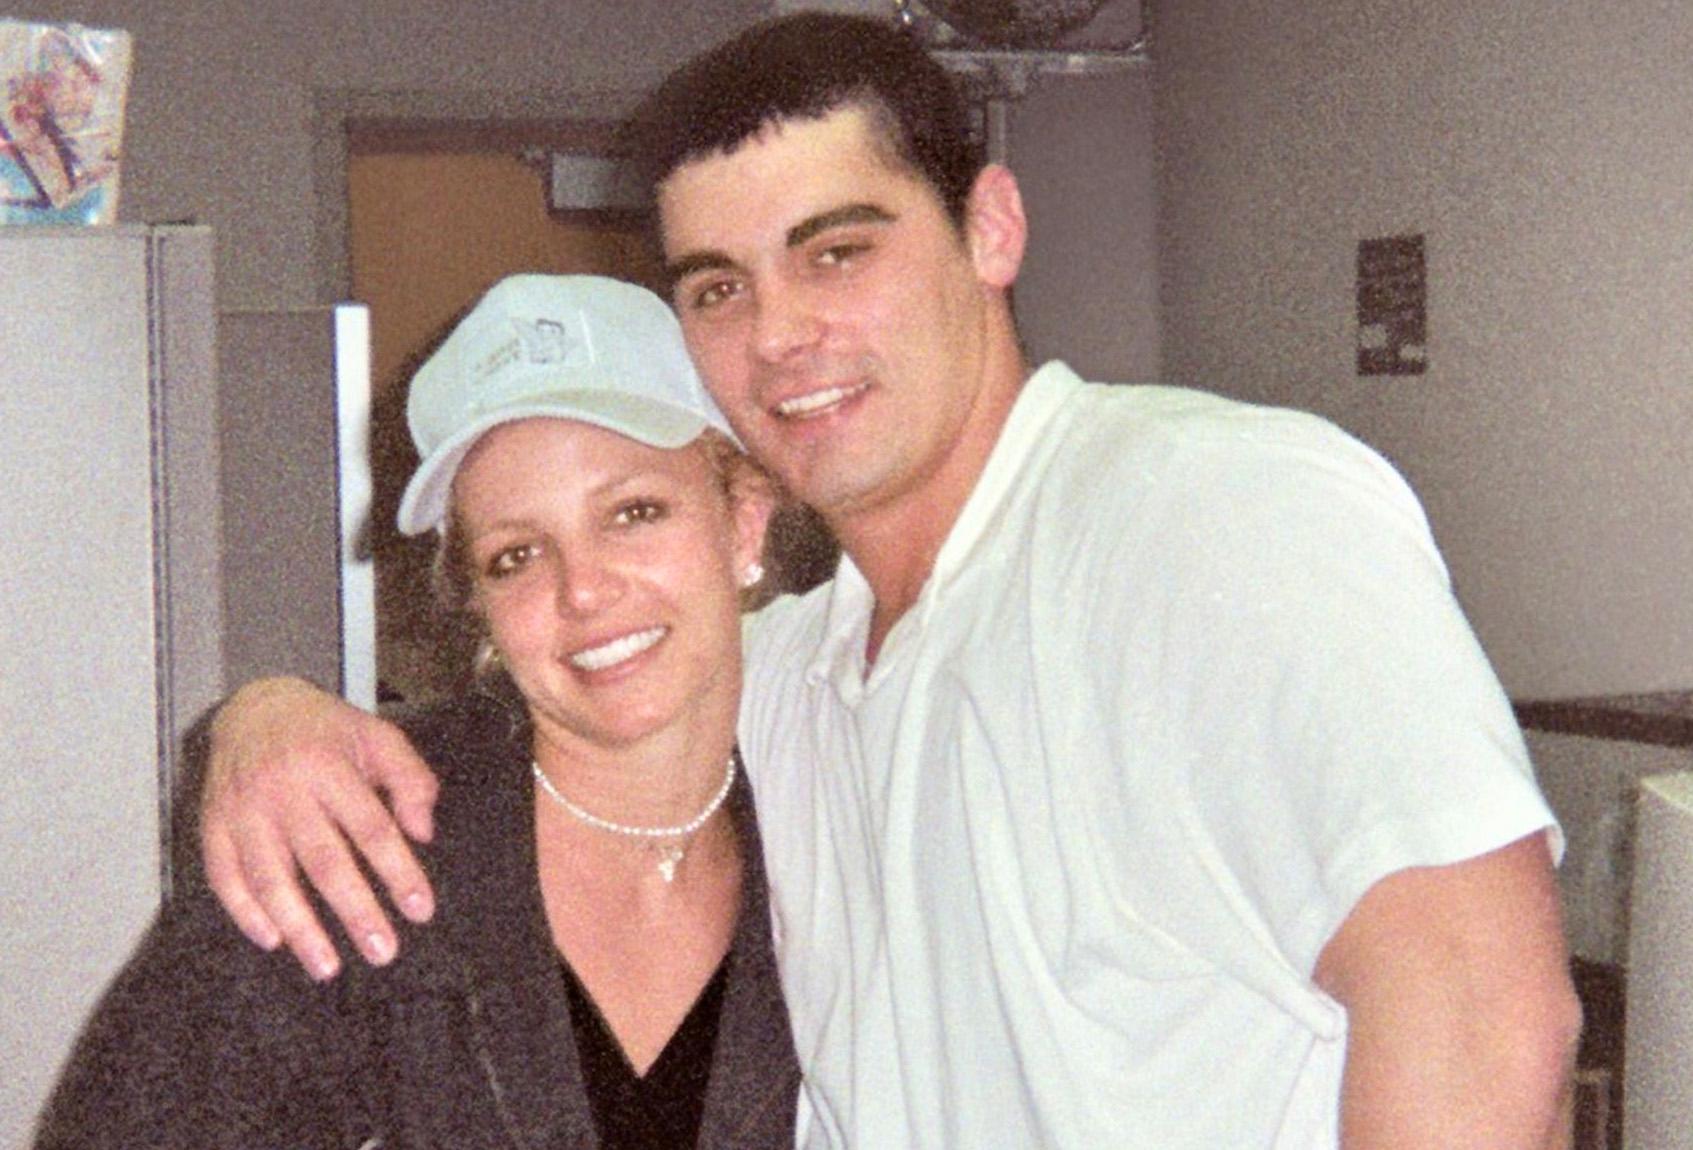 Jason Allen Alexander og Britney Spears i 2004 (Facebook)